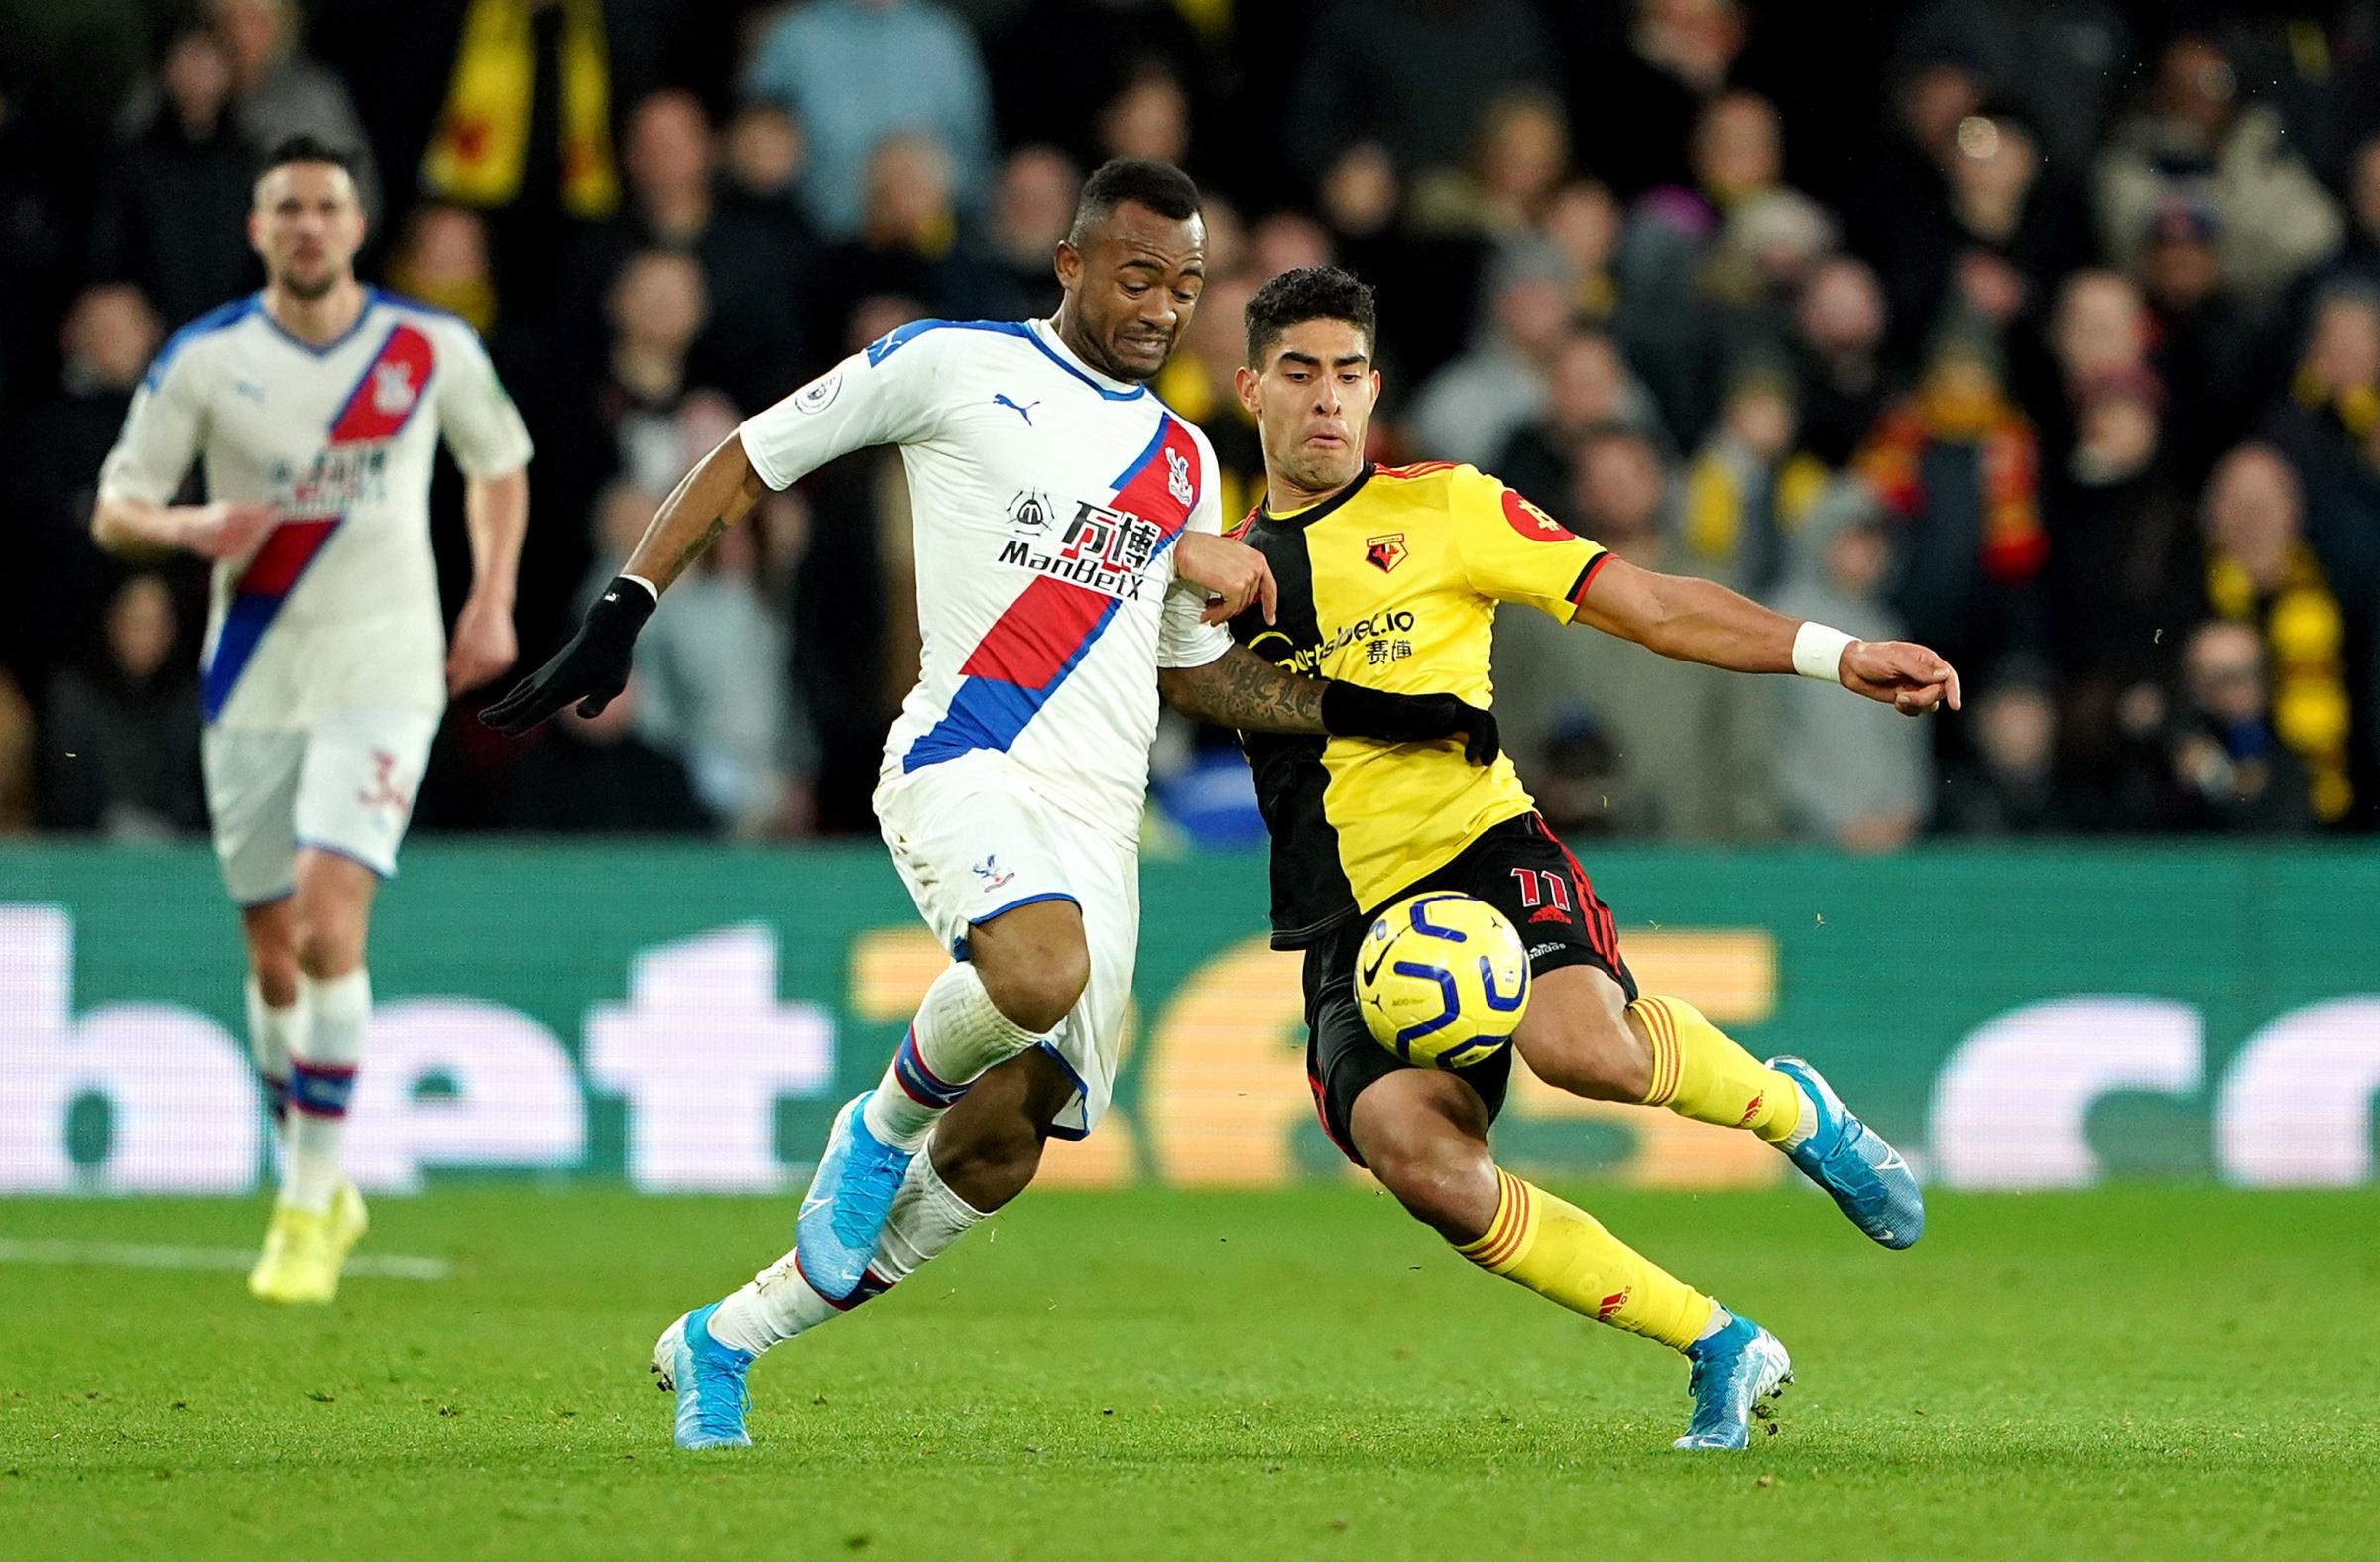 REPORT: Watford 0 Crystal Palace 0 - drab affair at Vicarage Road